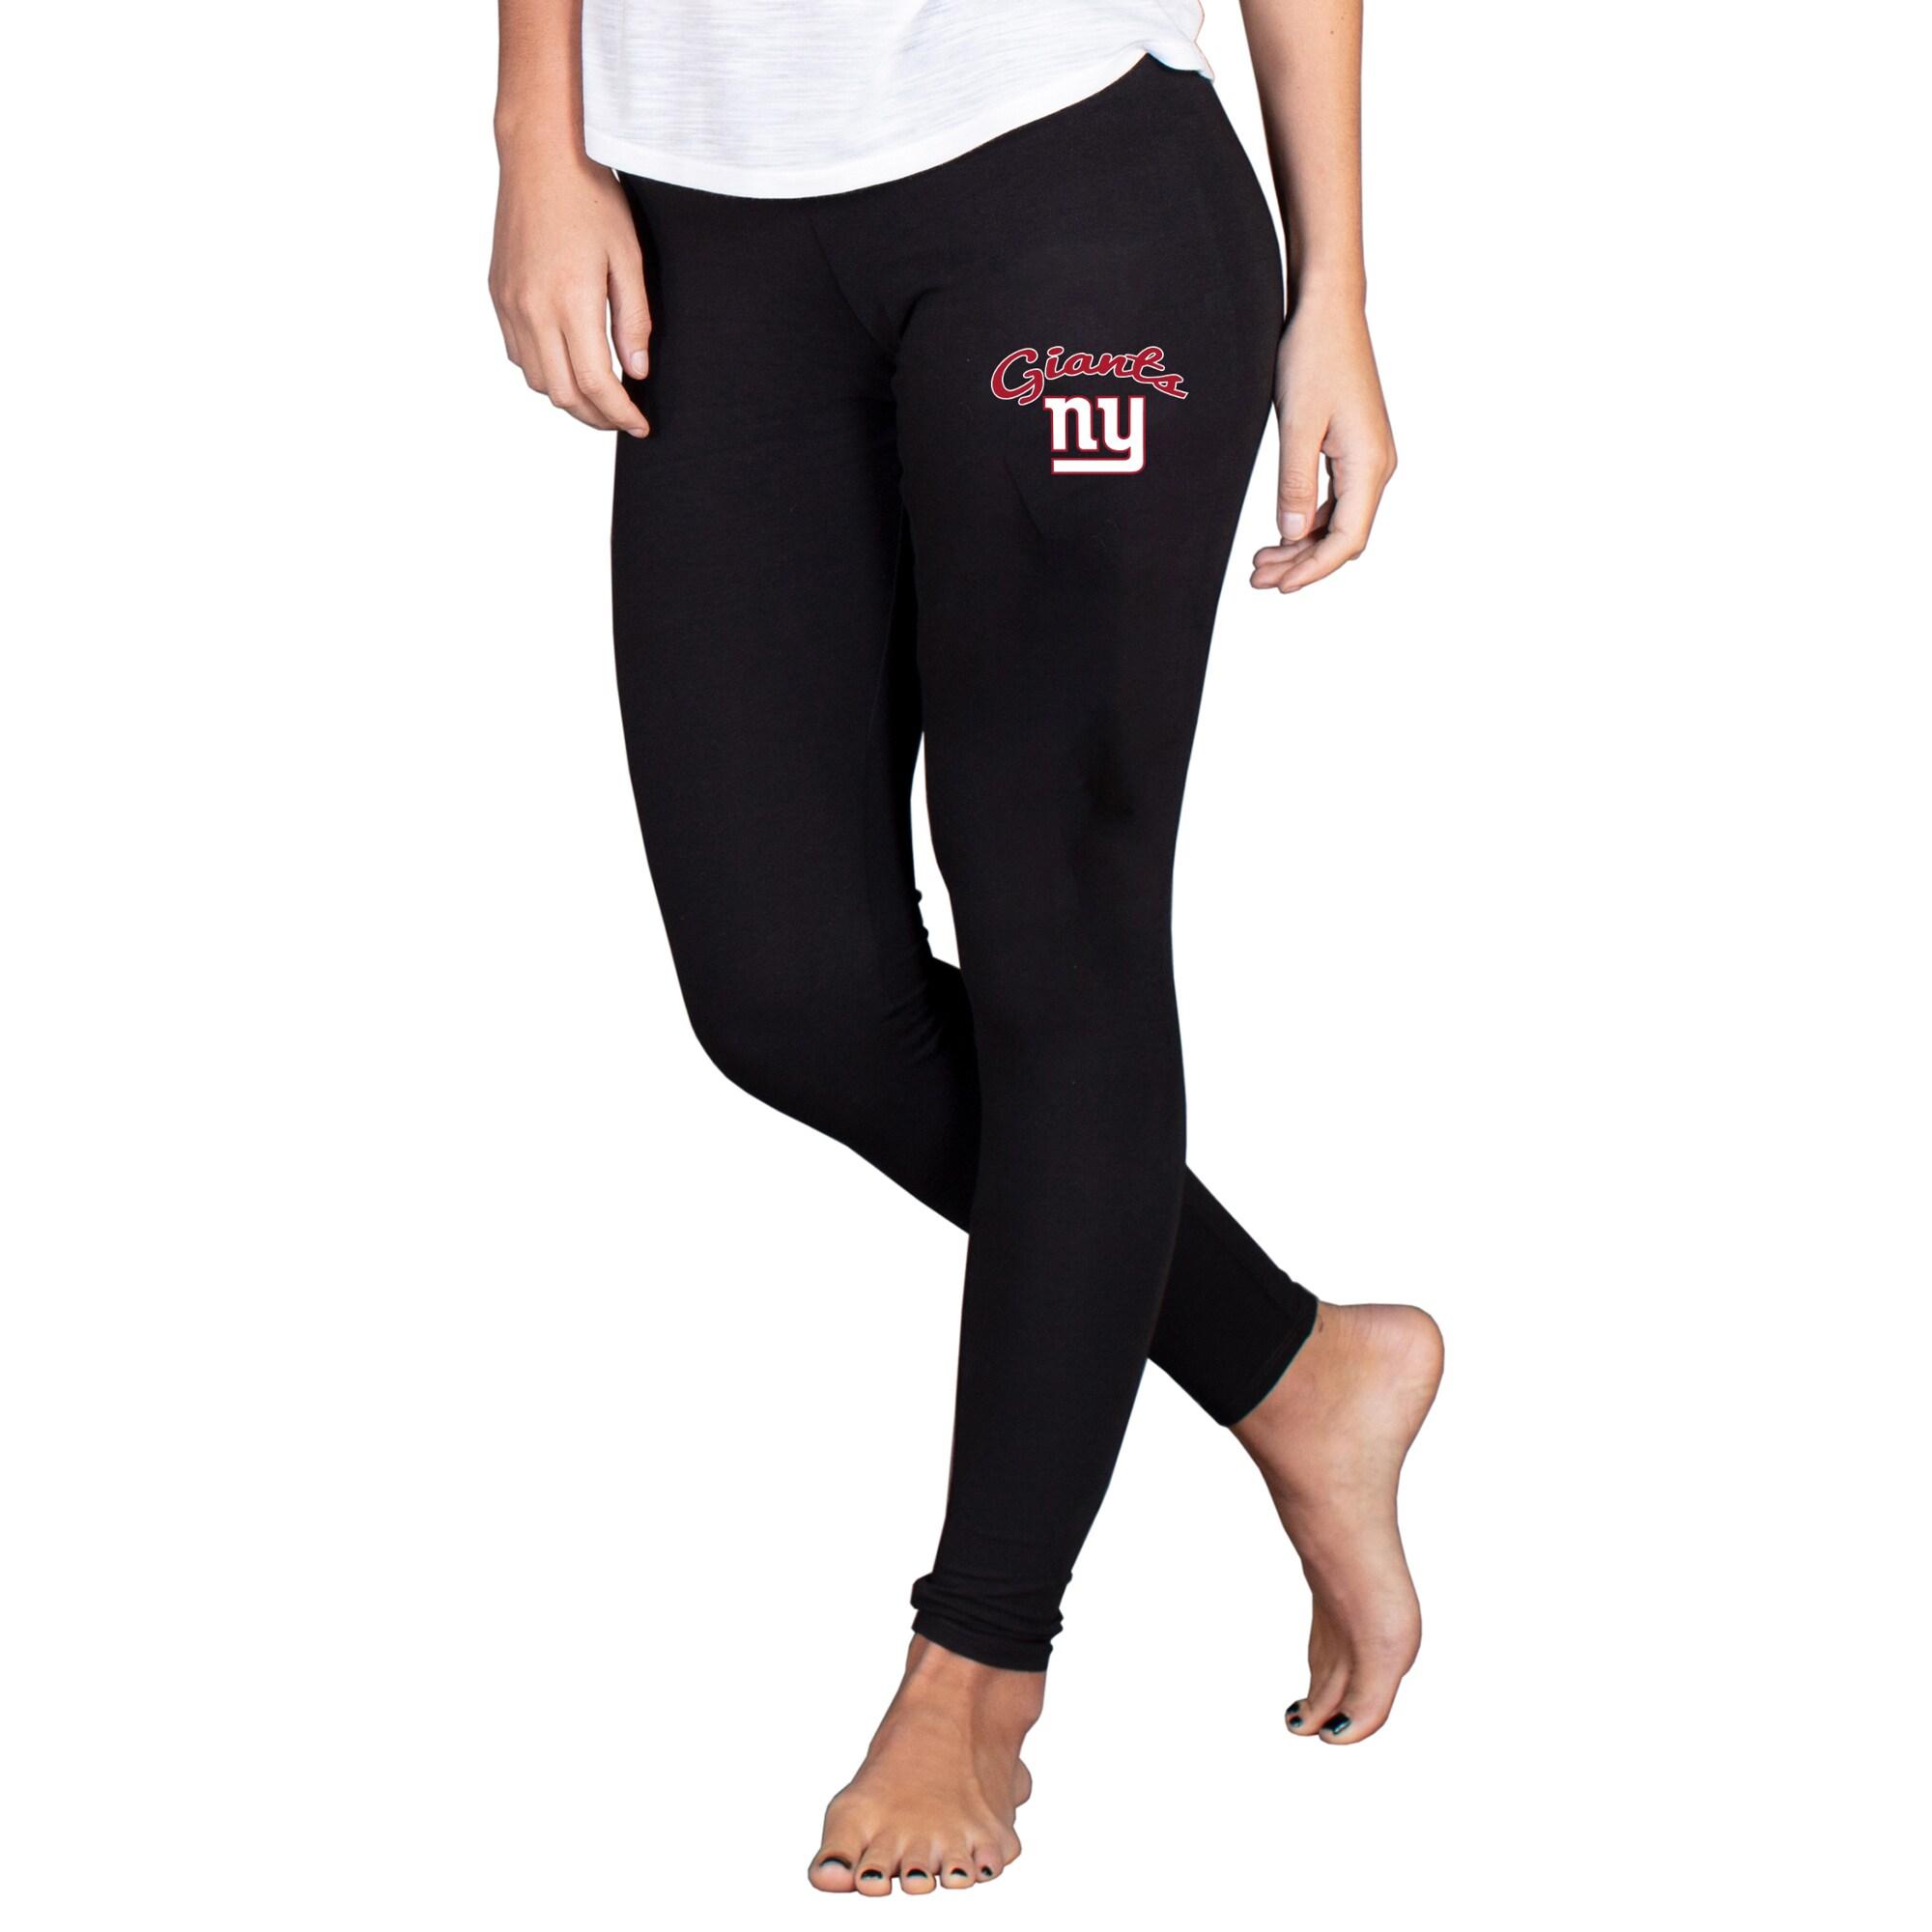 New York Giants Concepts Sport Women's Fraction Leggings - Black